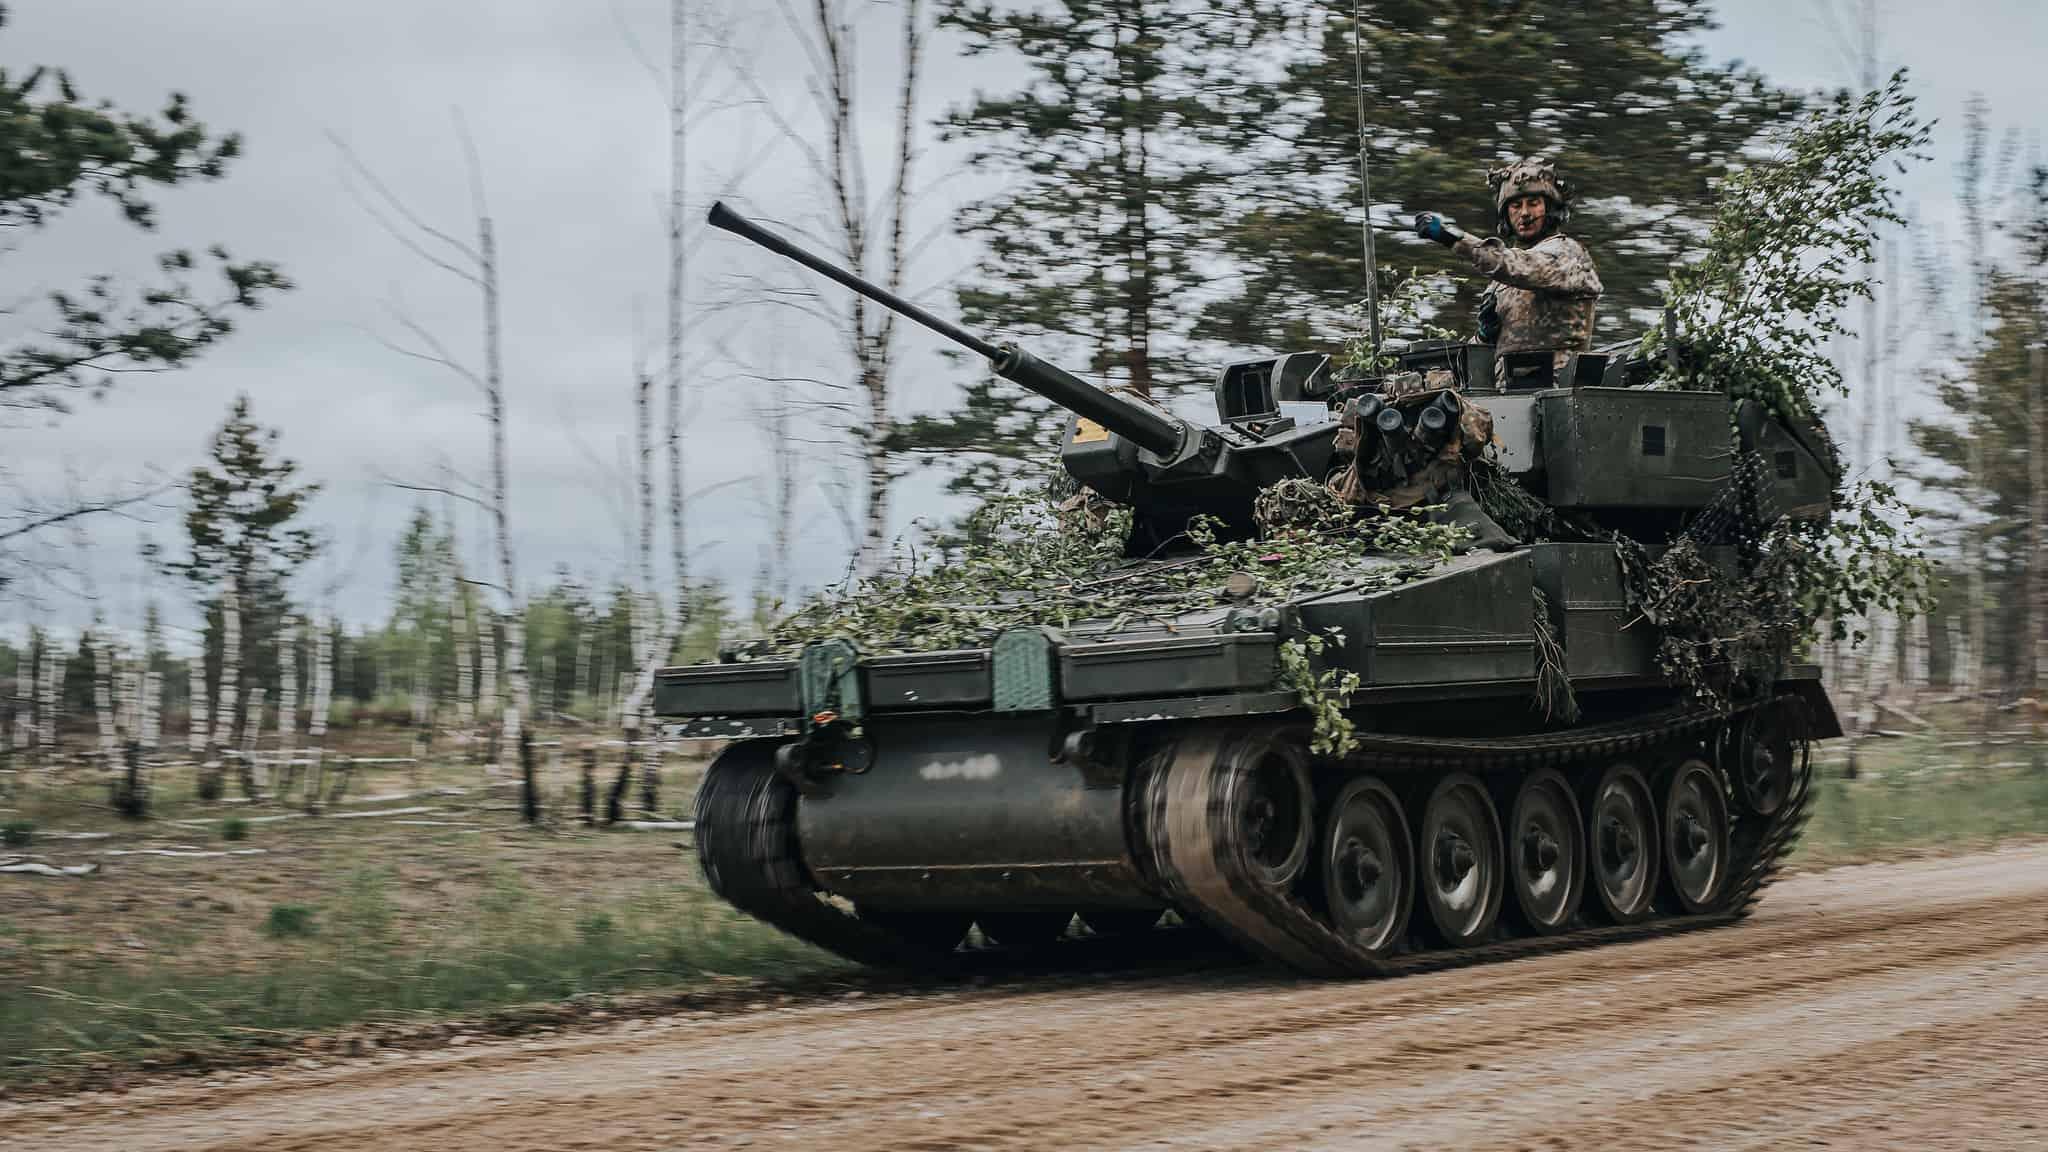 Бойова гусенична машина CVR (T) під час навчань